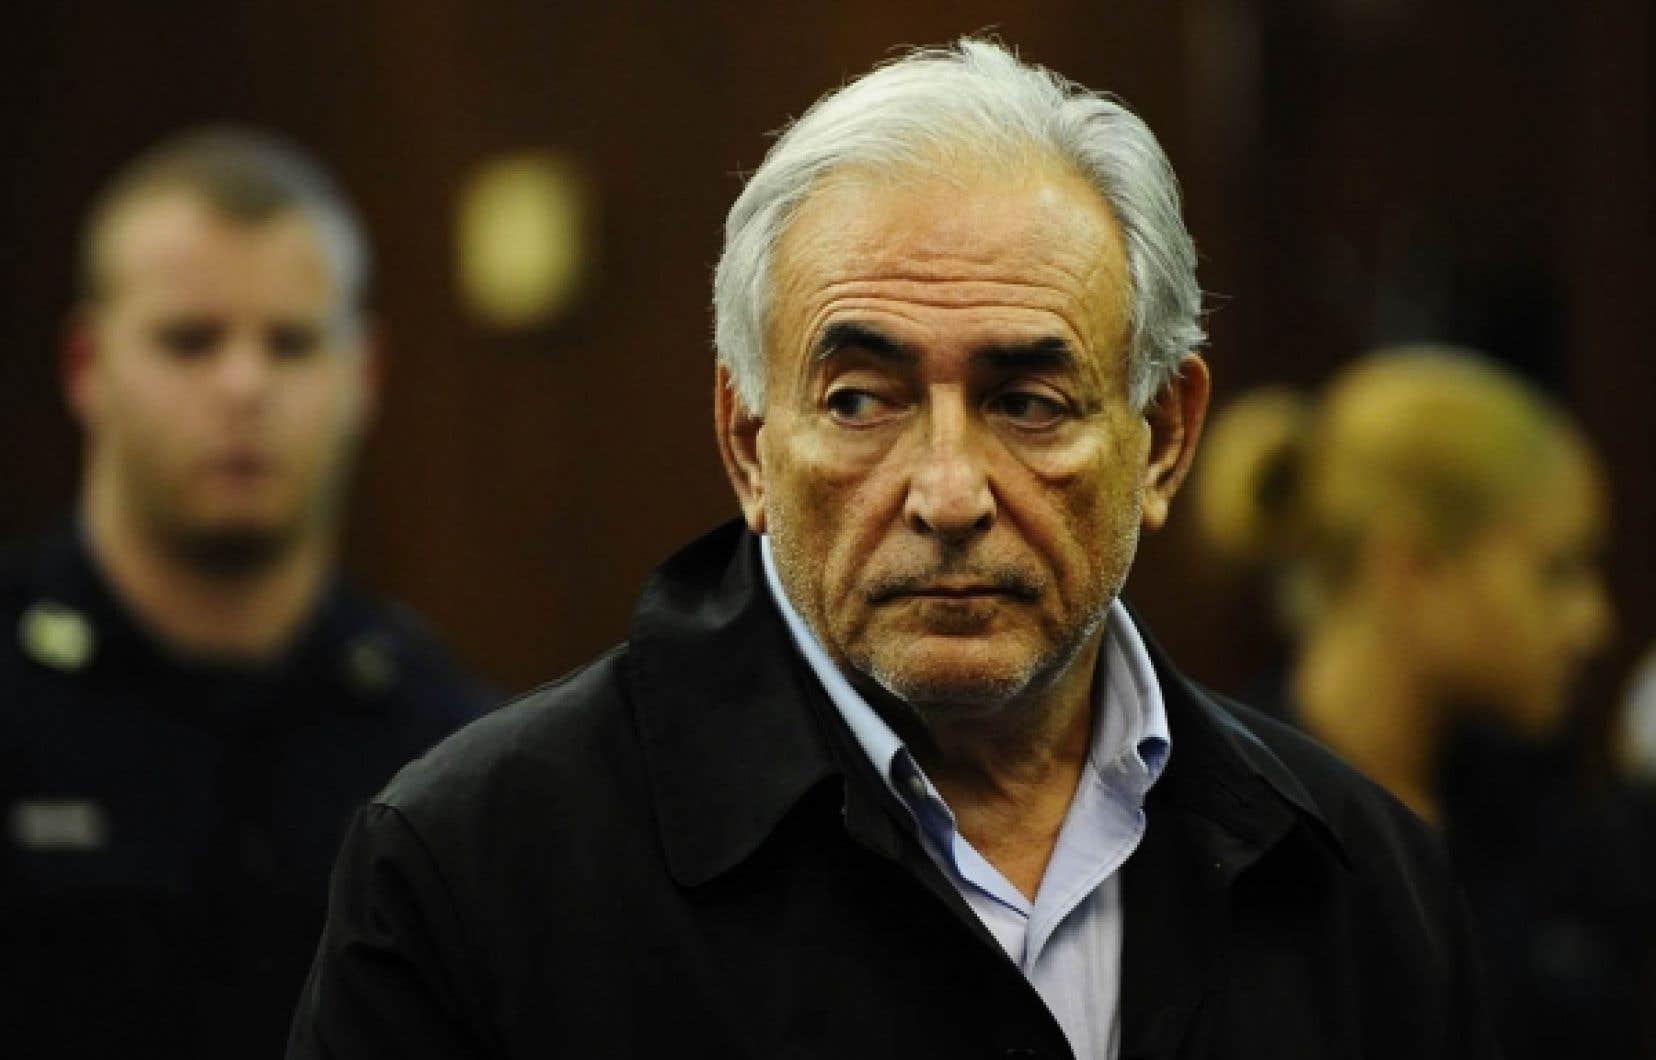 Dominique Strauss-Kahn comparaissant devant le tribunal pénal de Manhattan, hier. Le directeur du FMI a été inculpé d'agression sexuelle, de tentative de viol et de séquestration.